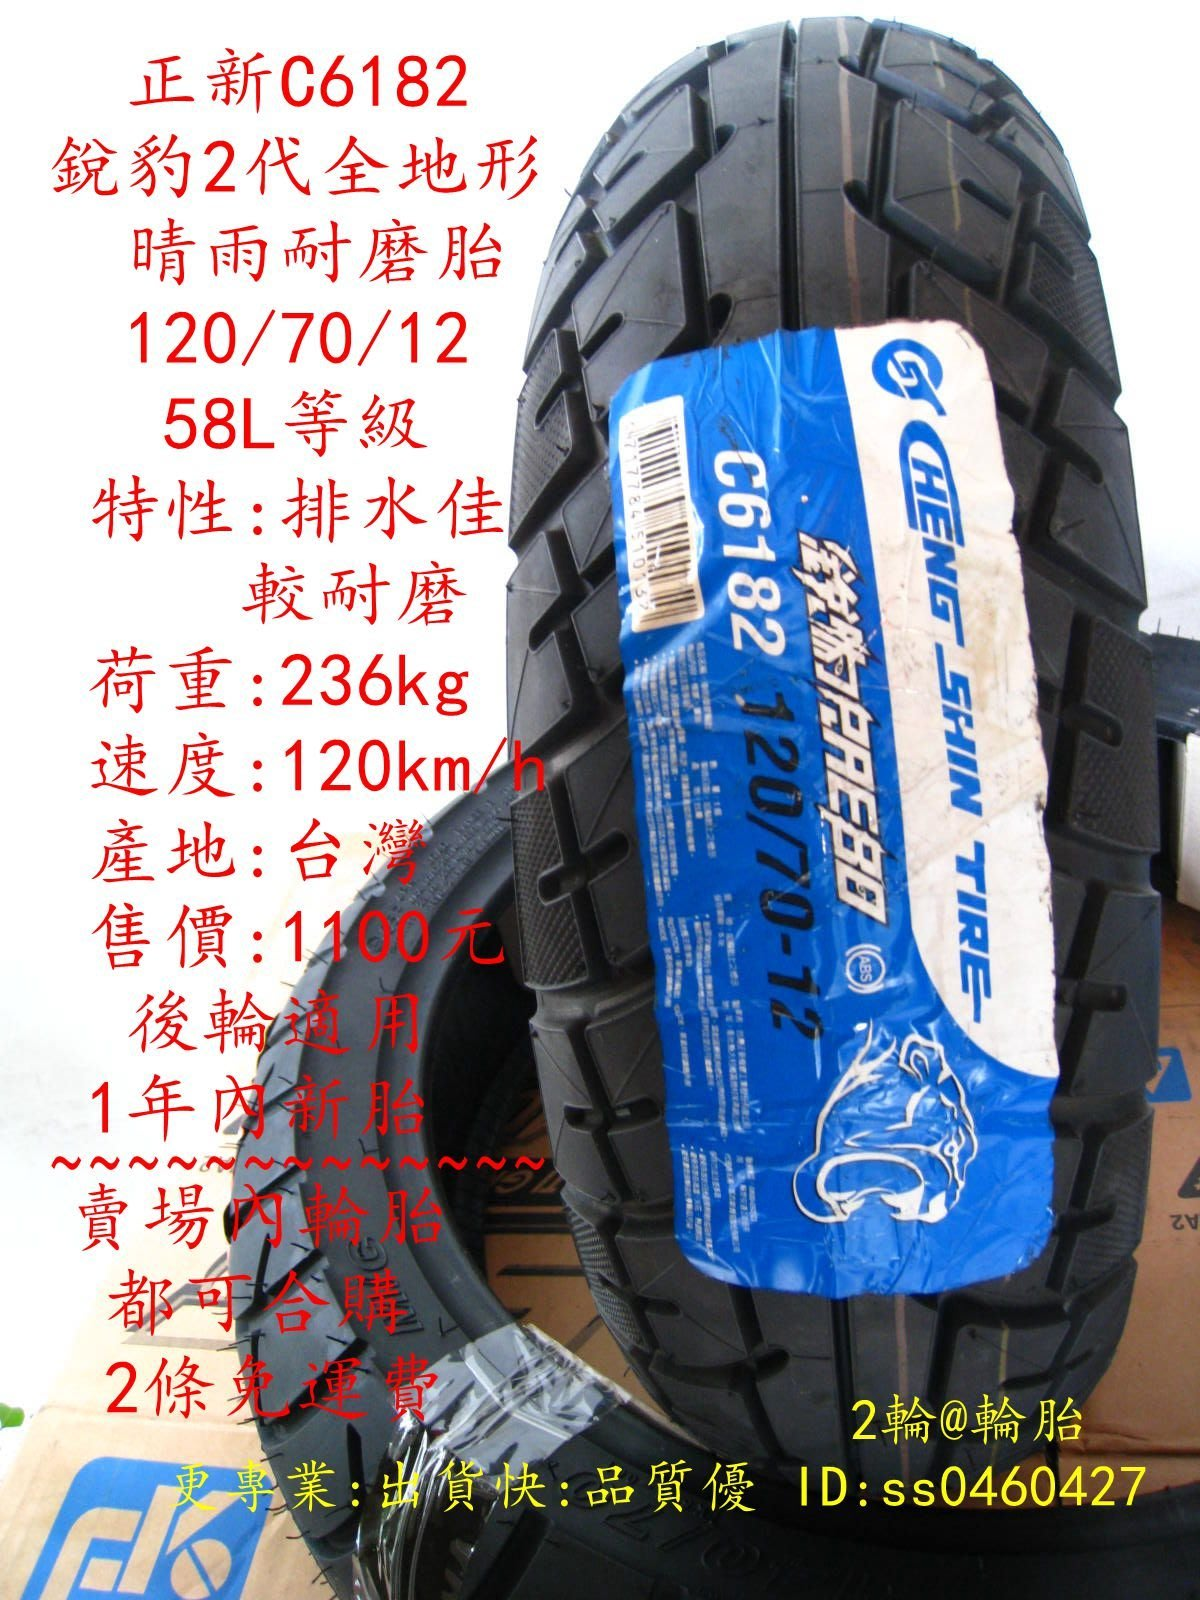 2輪@輪胎 正新 C6182 銳豹2代 耐磨胎 120/70-12 ~ 2條免運費 全地形 耐磨胎 晴雨胎